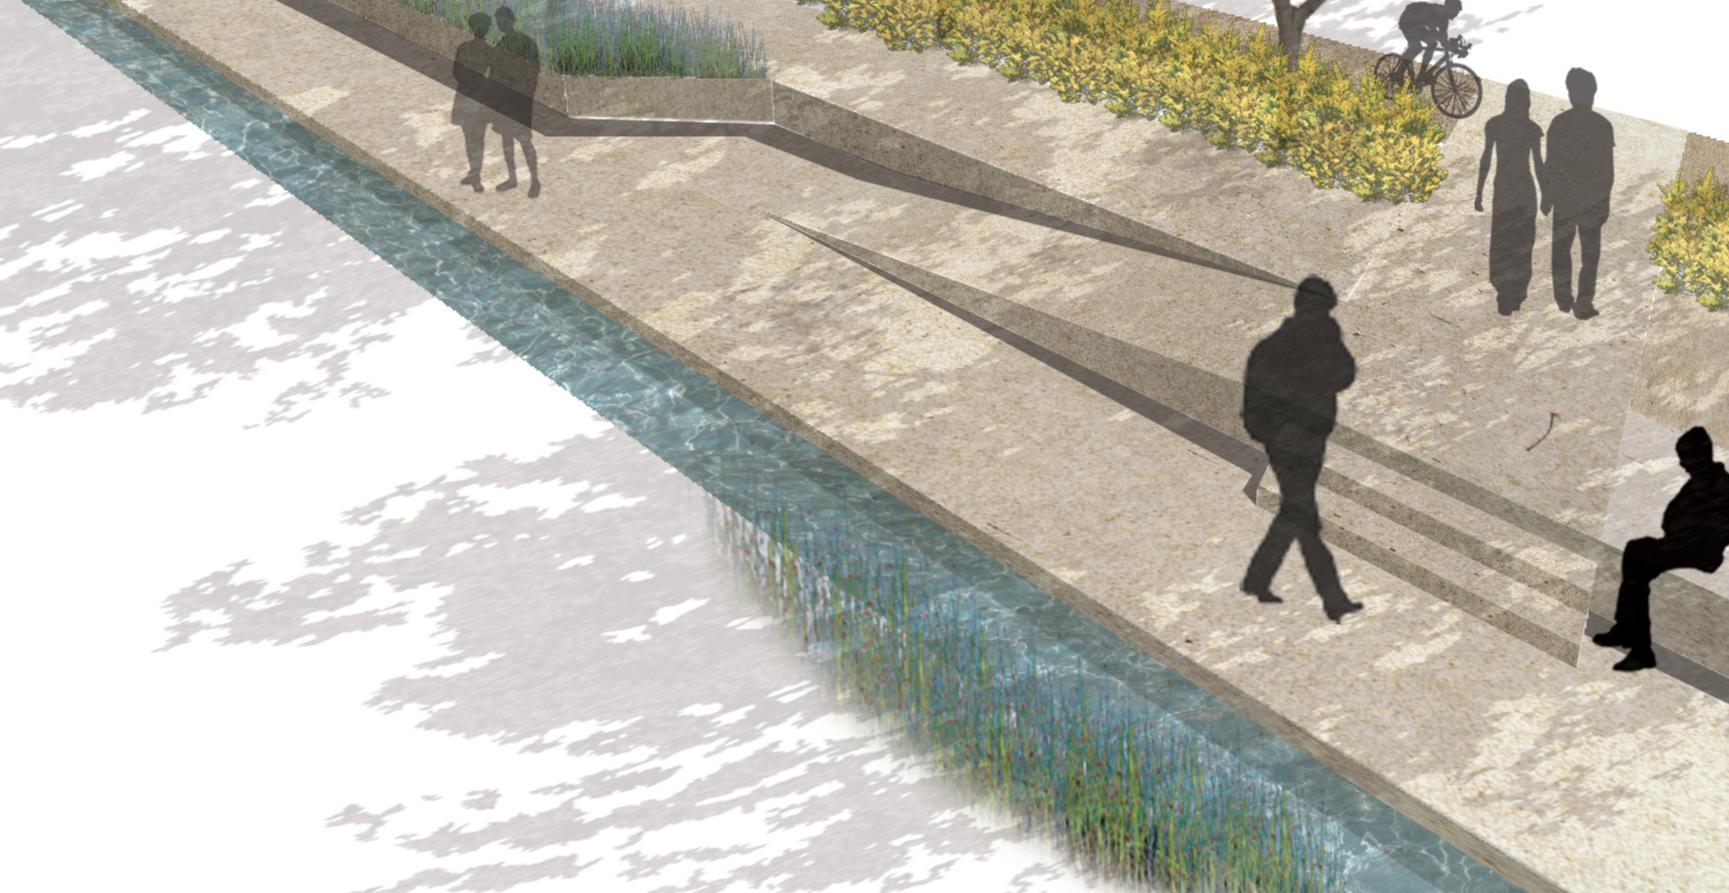 BA_godrej_prototype water channel view.jpg